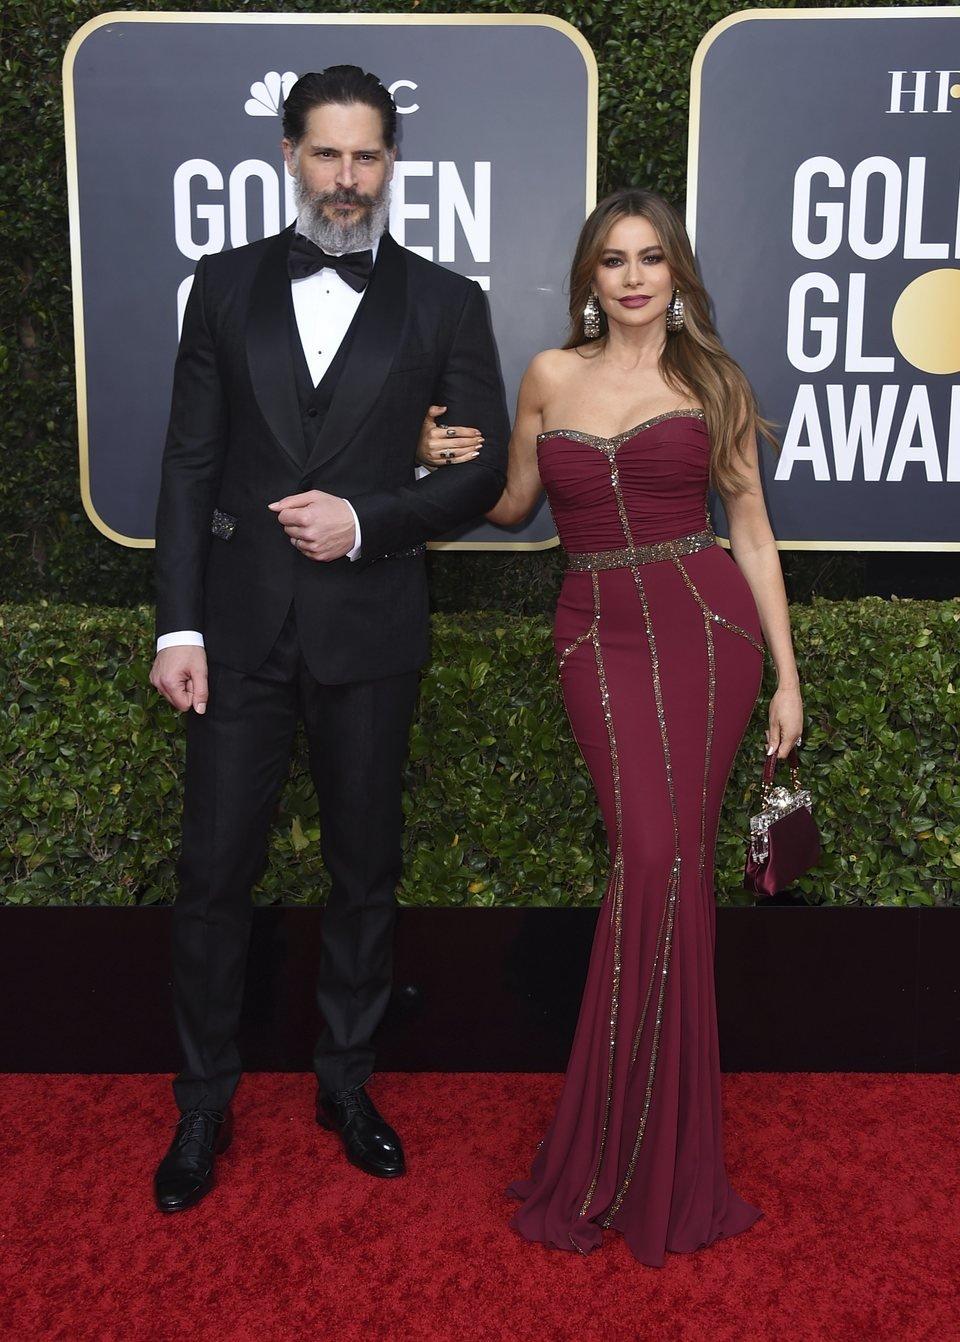 Sofía Vergara y Joe Manganiello posan en la alfombra roja de los Globos de Oro 2020